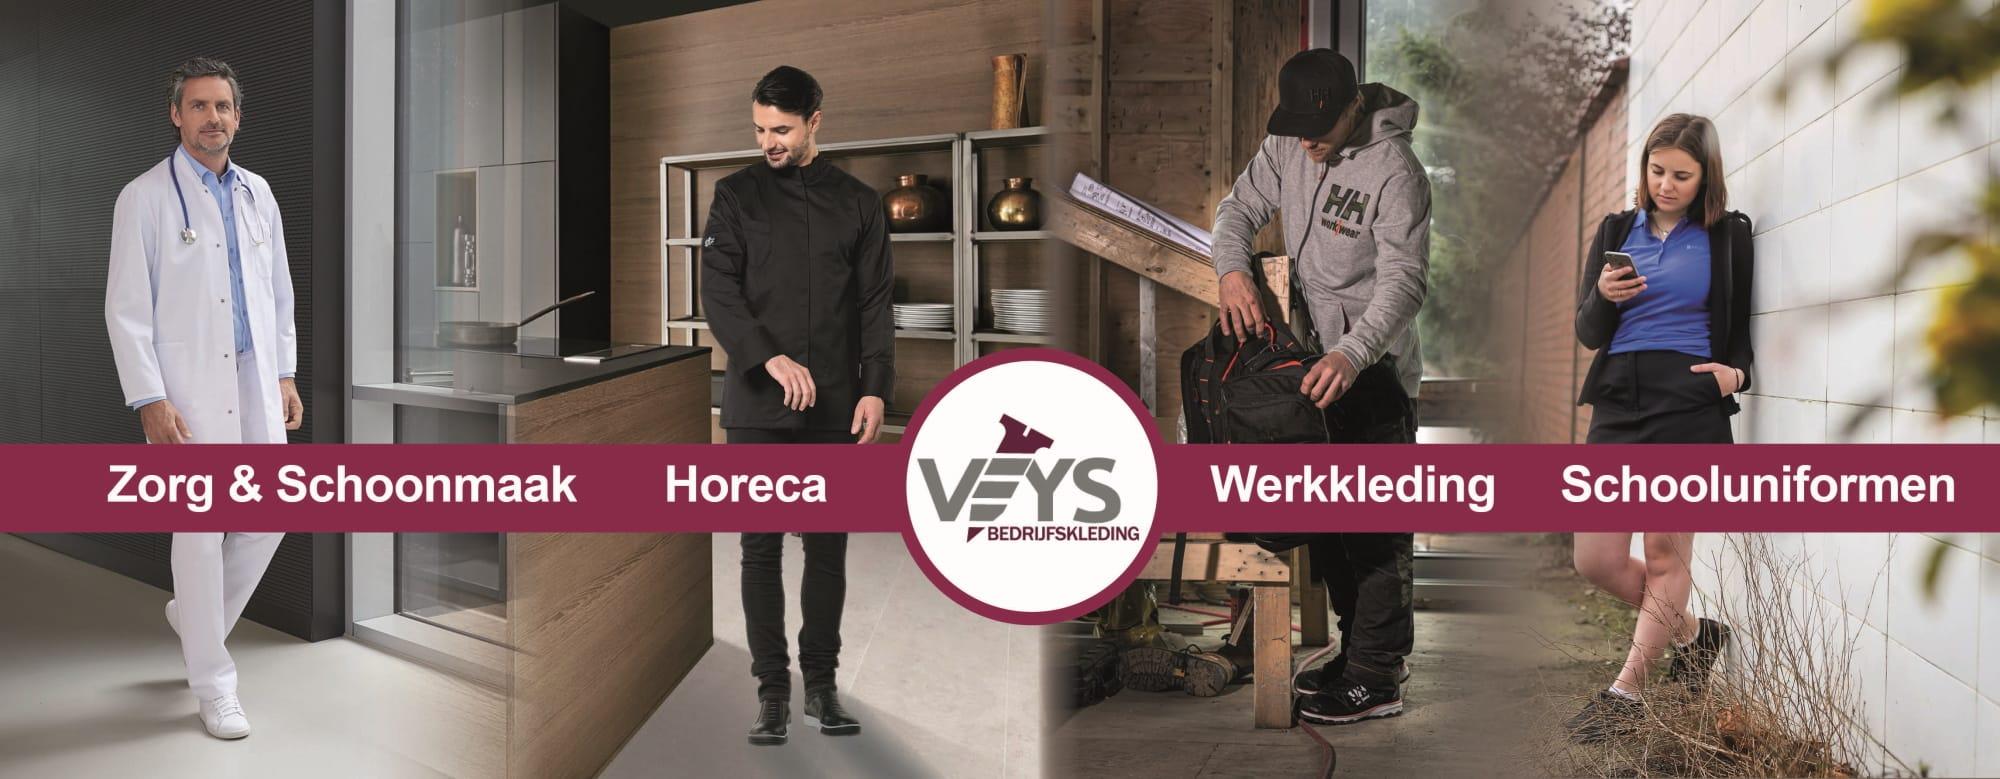 Bedrijfskleding & Werkkledij voor werk, horeca en zorg van Veys - Antwerpen